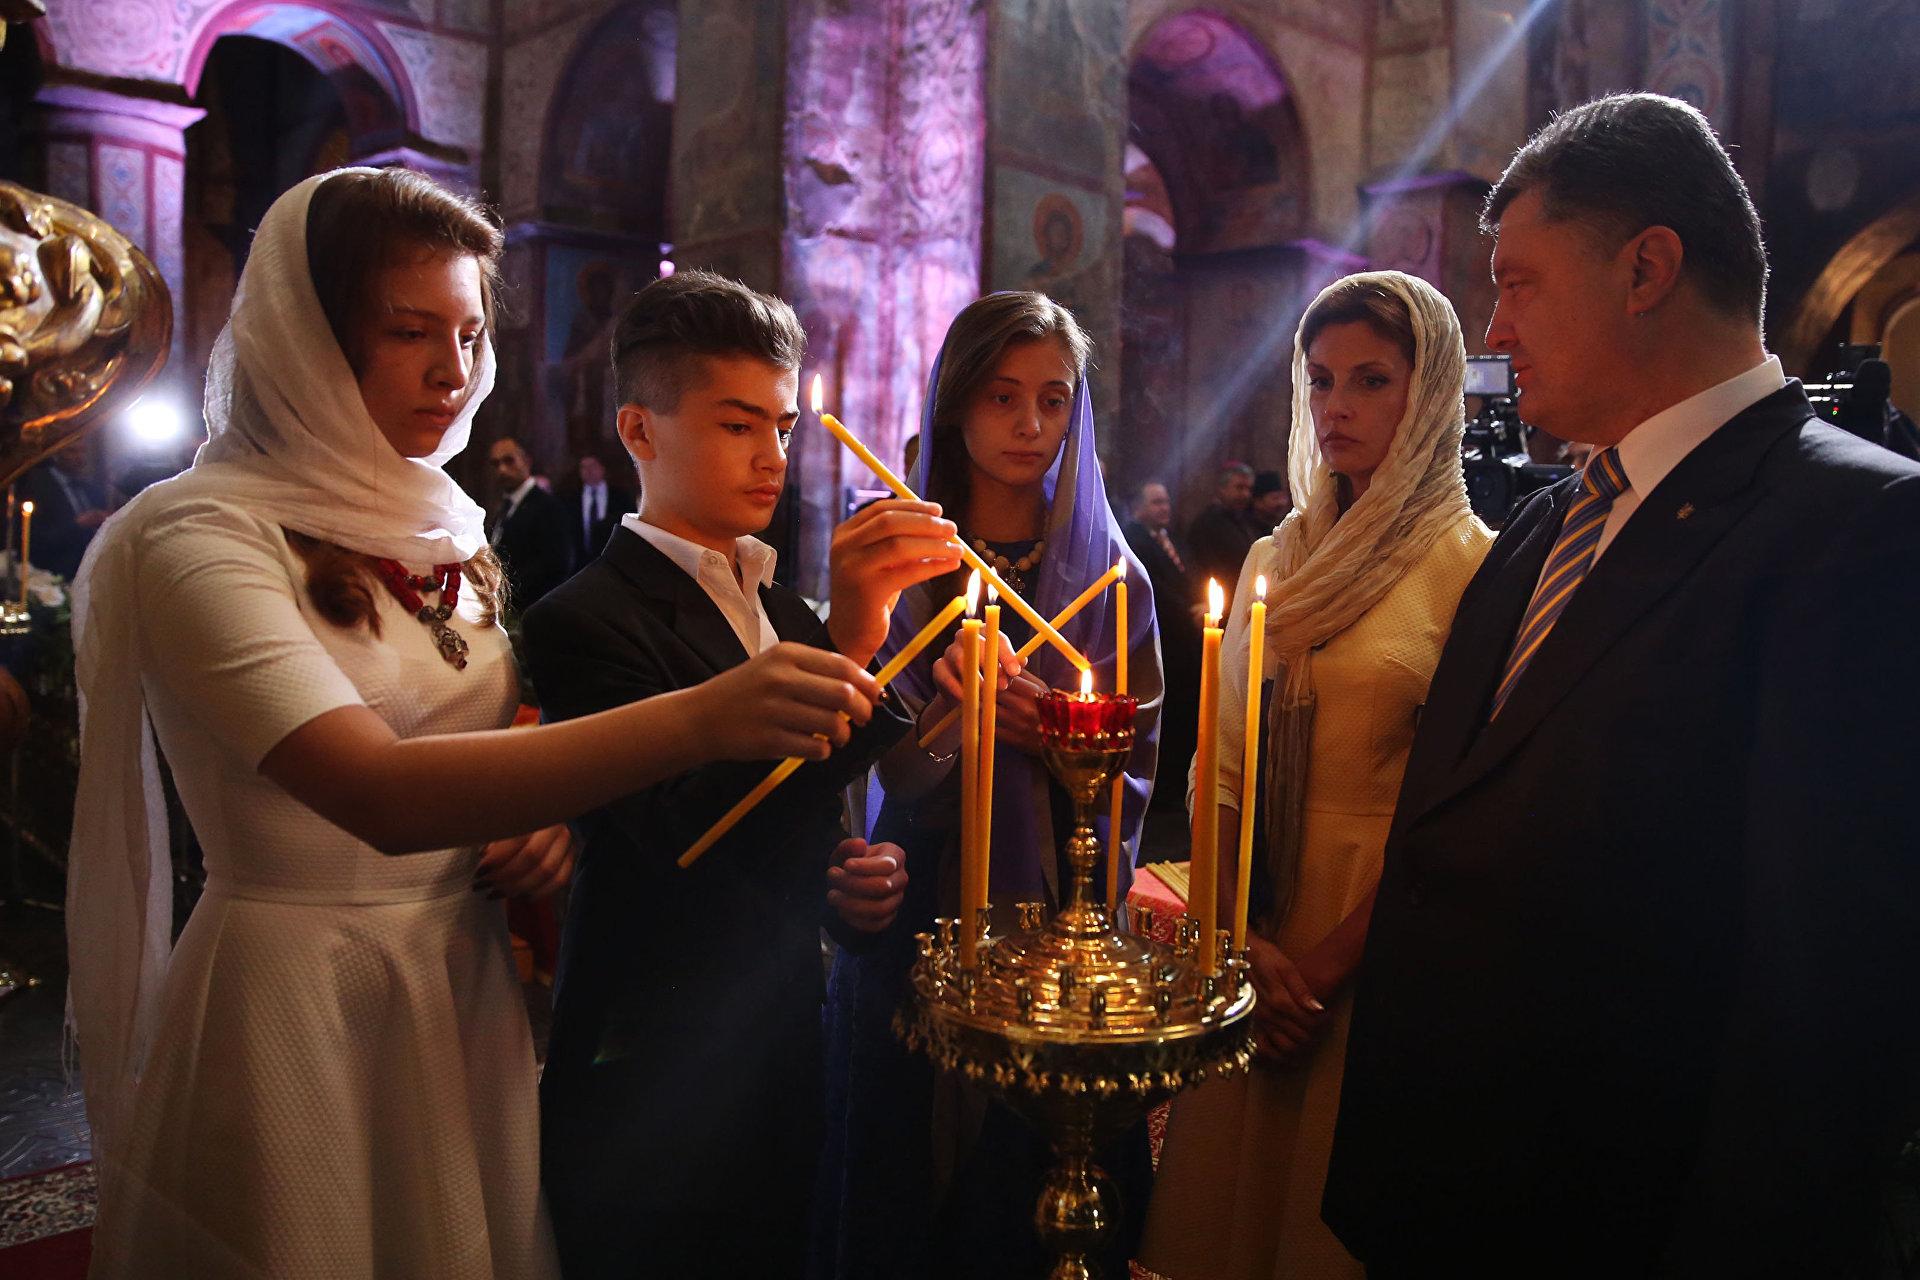 http://ukraina.ru/images/101790/07/1017900722.jpg